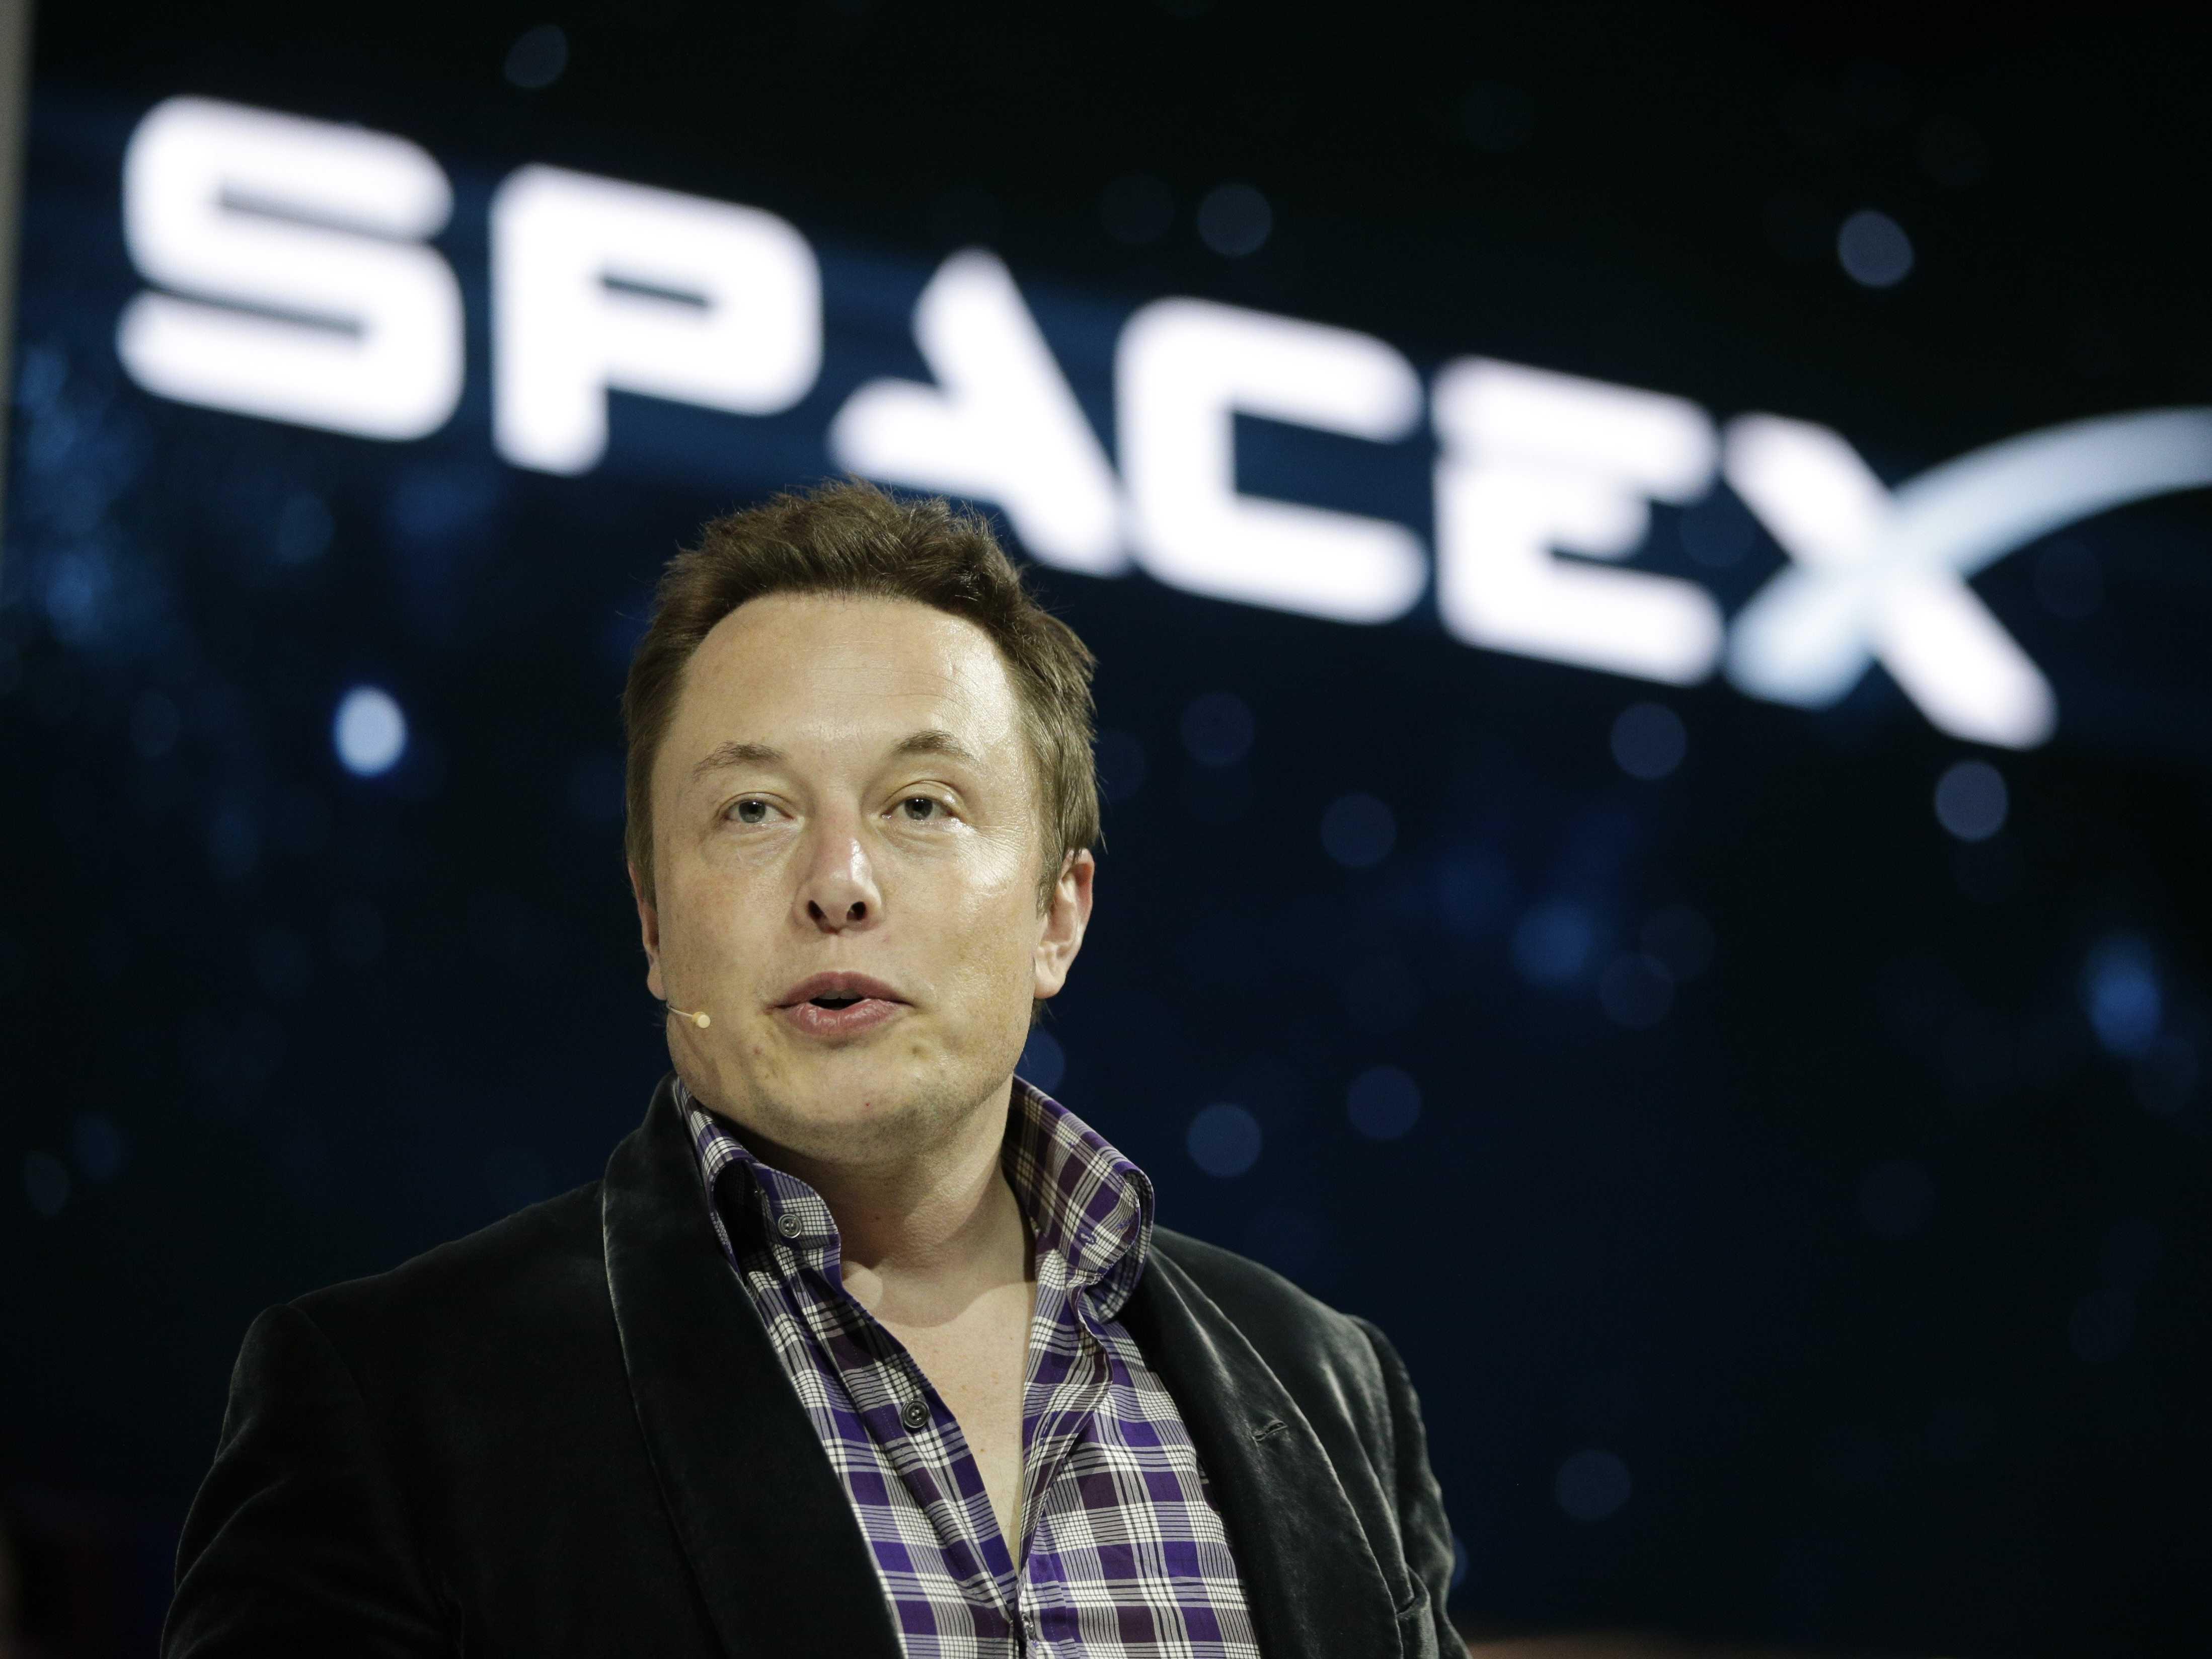 Почему у Илона Маска получается: интервью с главным инженером Space X